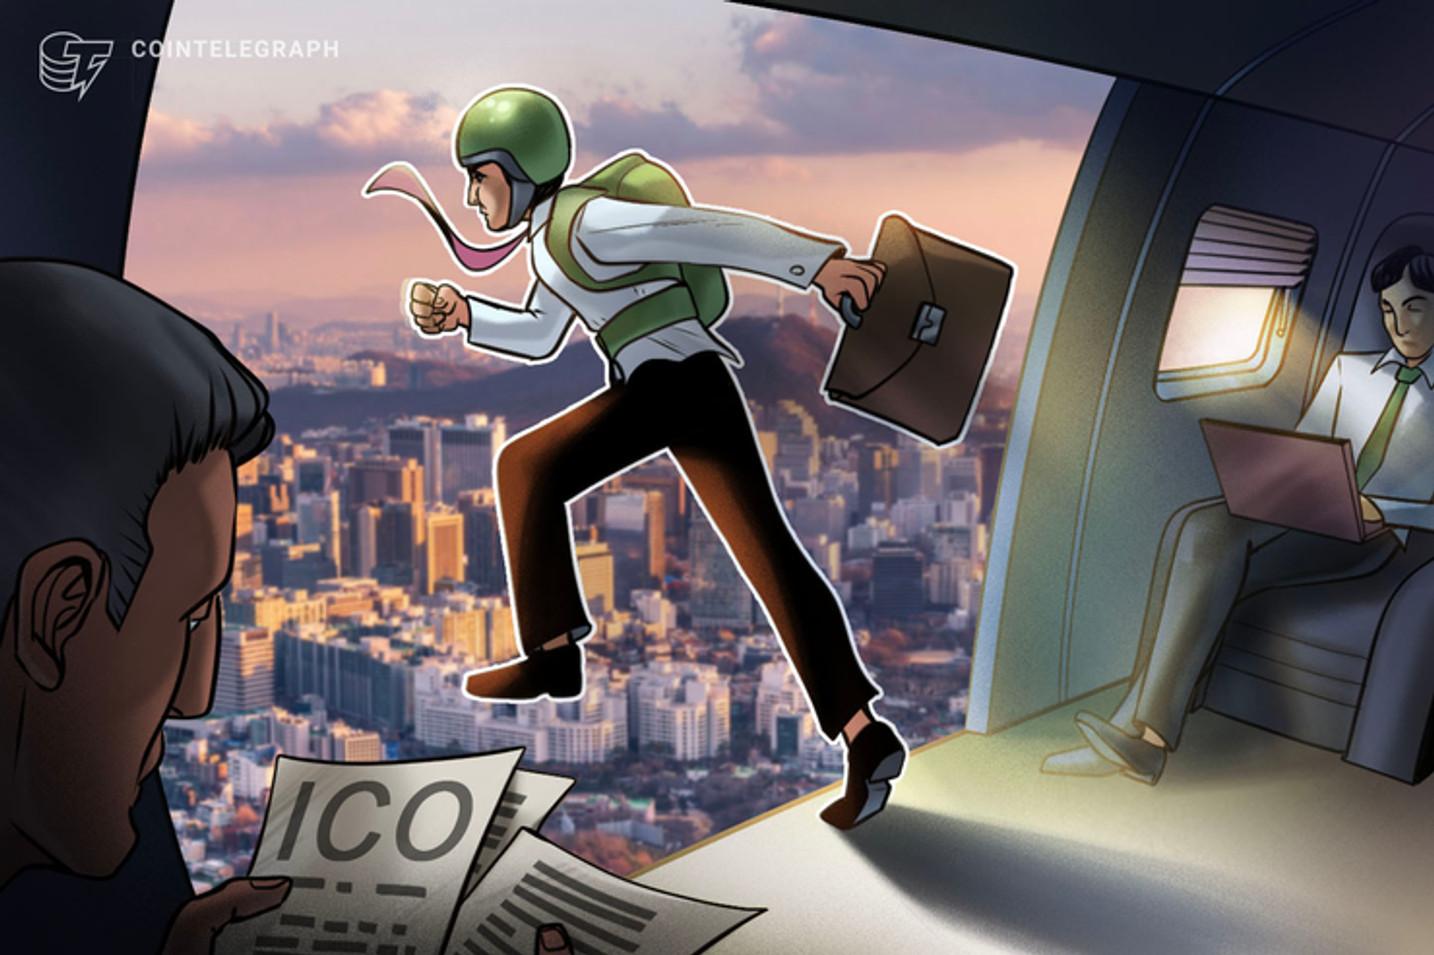 Analista diz que ICOs são uma 'grande bolha' e que sua recuperação do mercado é improvável